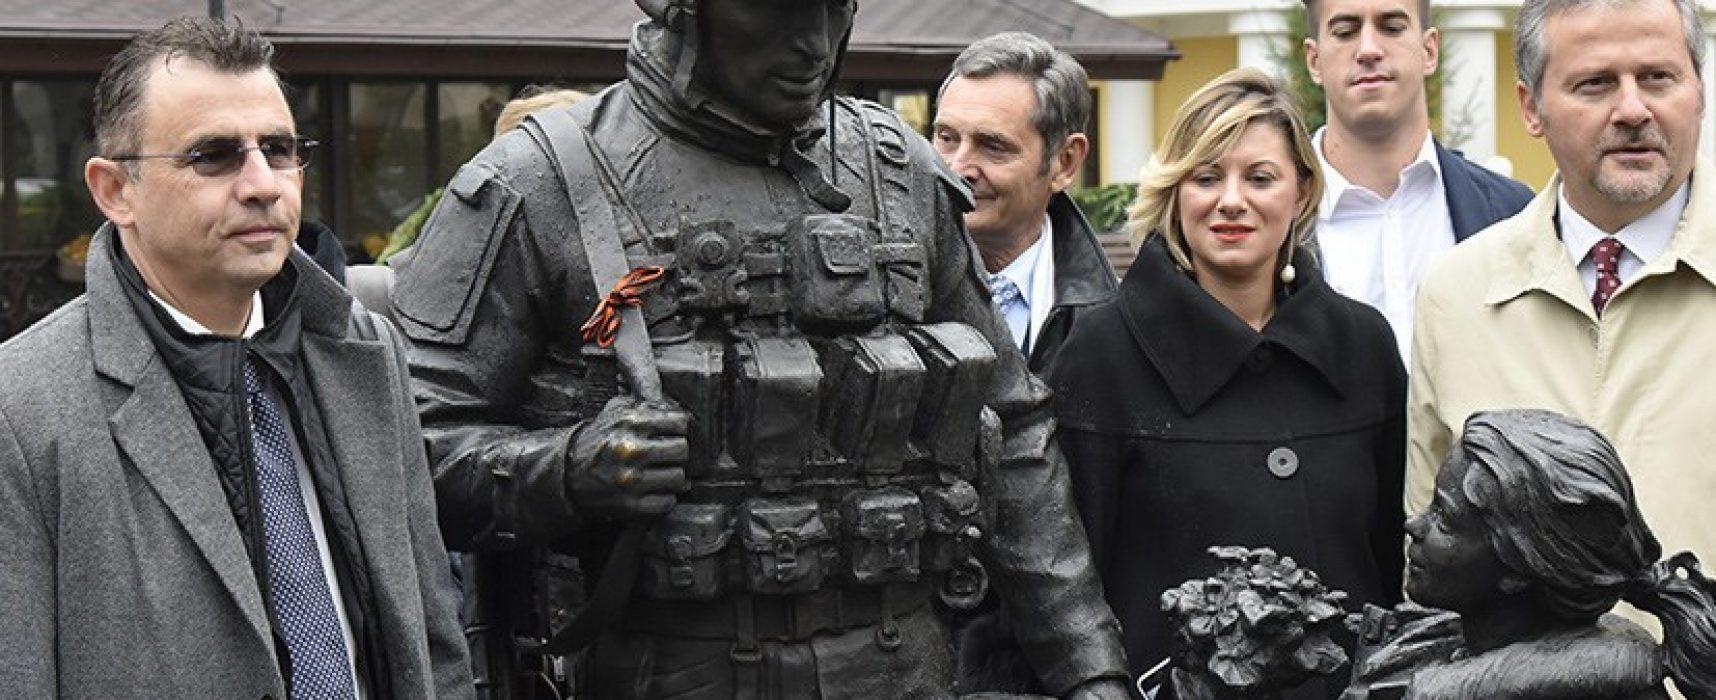 Valdegamberi sfida le Procure italiane sulla questione Ucraina